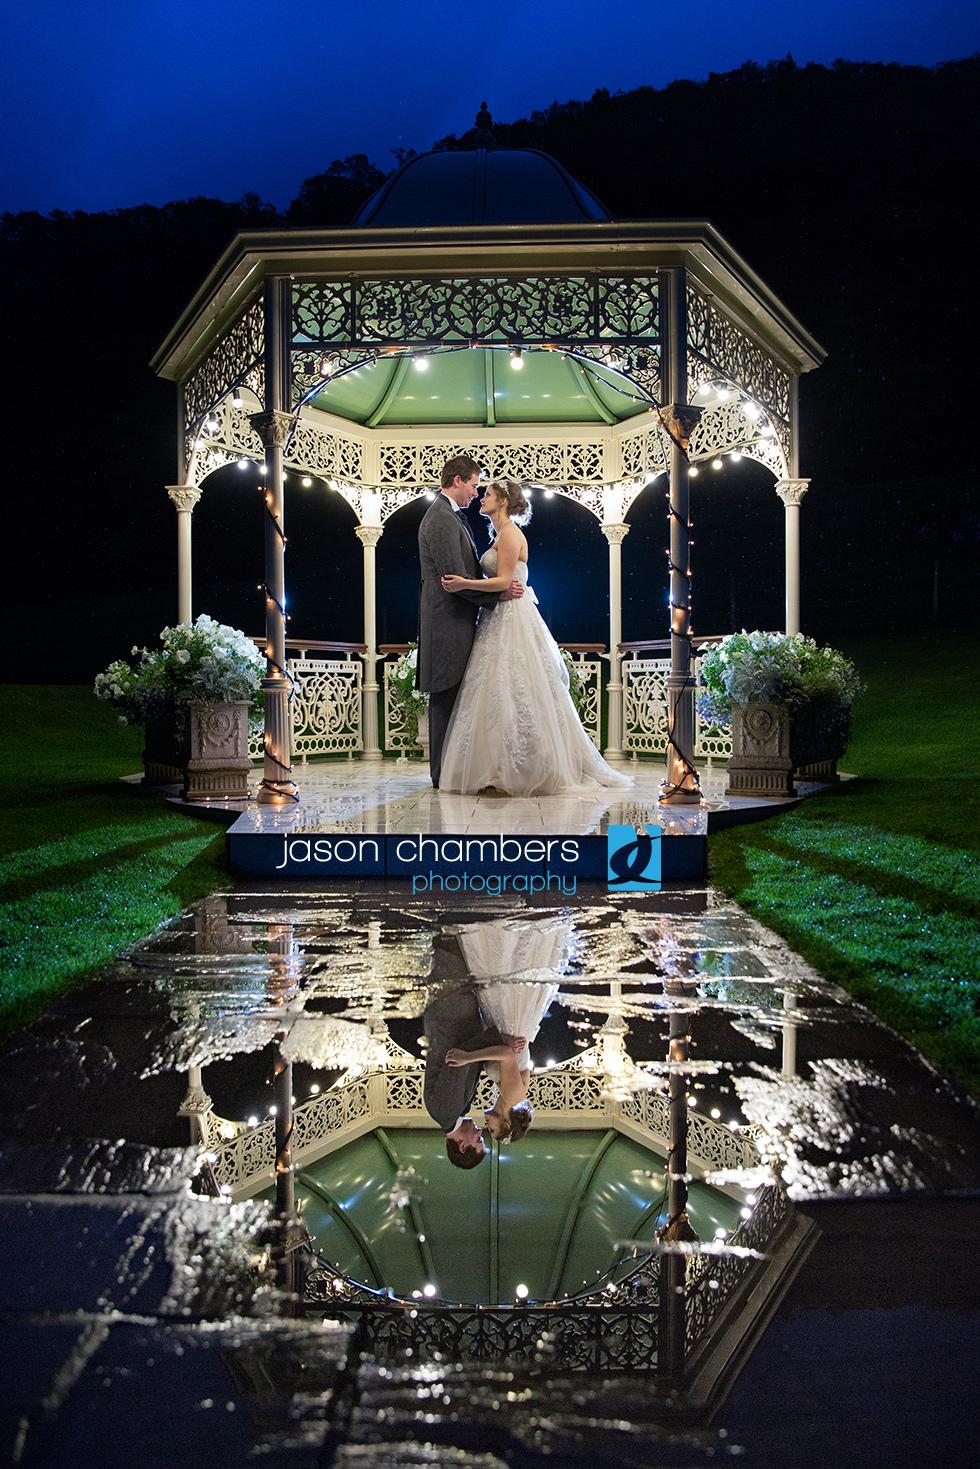 Lodore Falls Wedding Gazebo